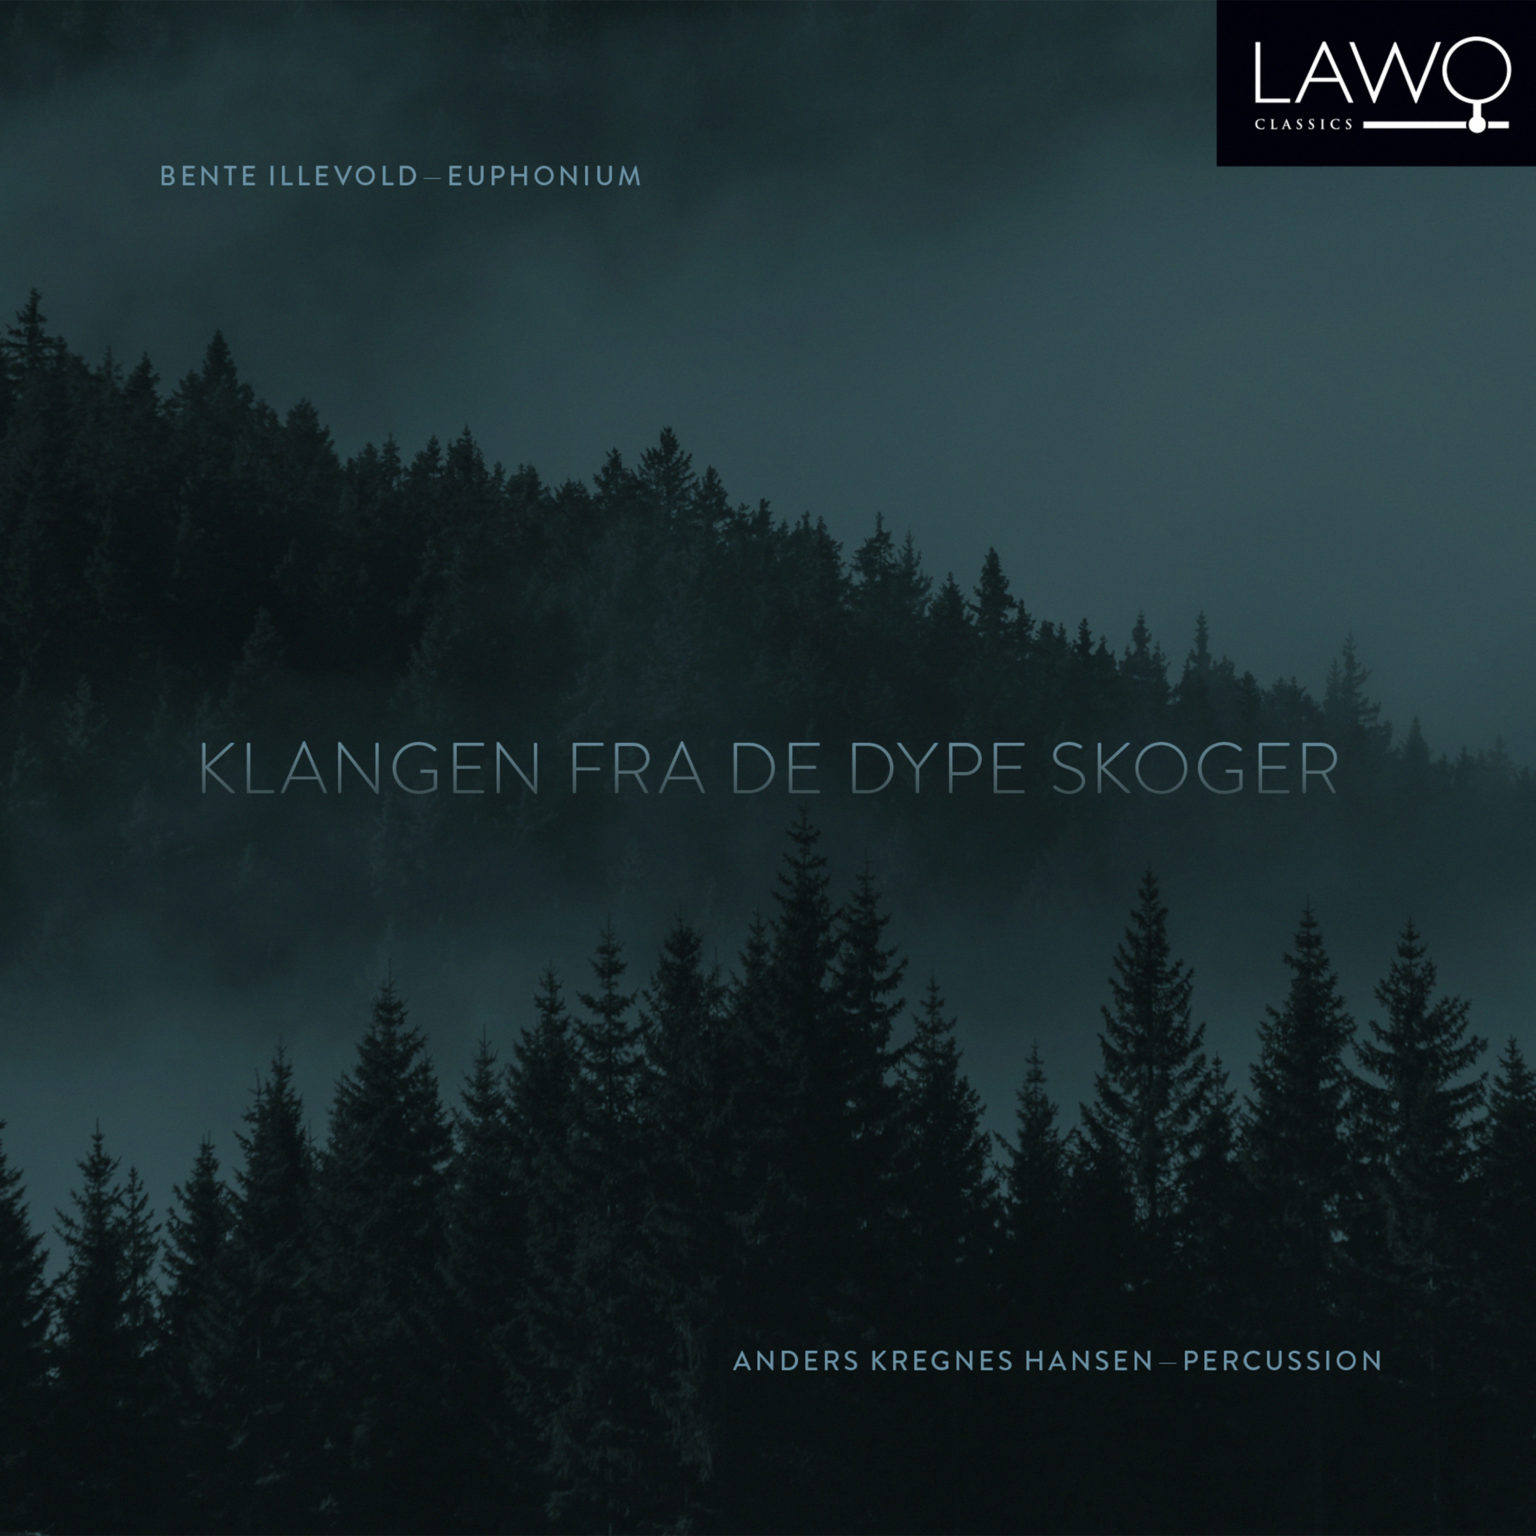 Click image for larger version.  Name:LWC1195_Bente_Illevold_Klangen_fra_de_dype_skoger_cover_3000x3000px-1536x1536.jpg Views:525 Size:174.8 KB ID:7720